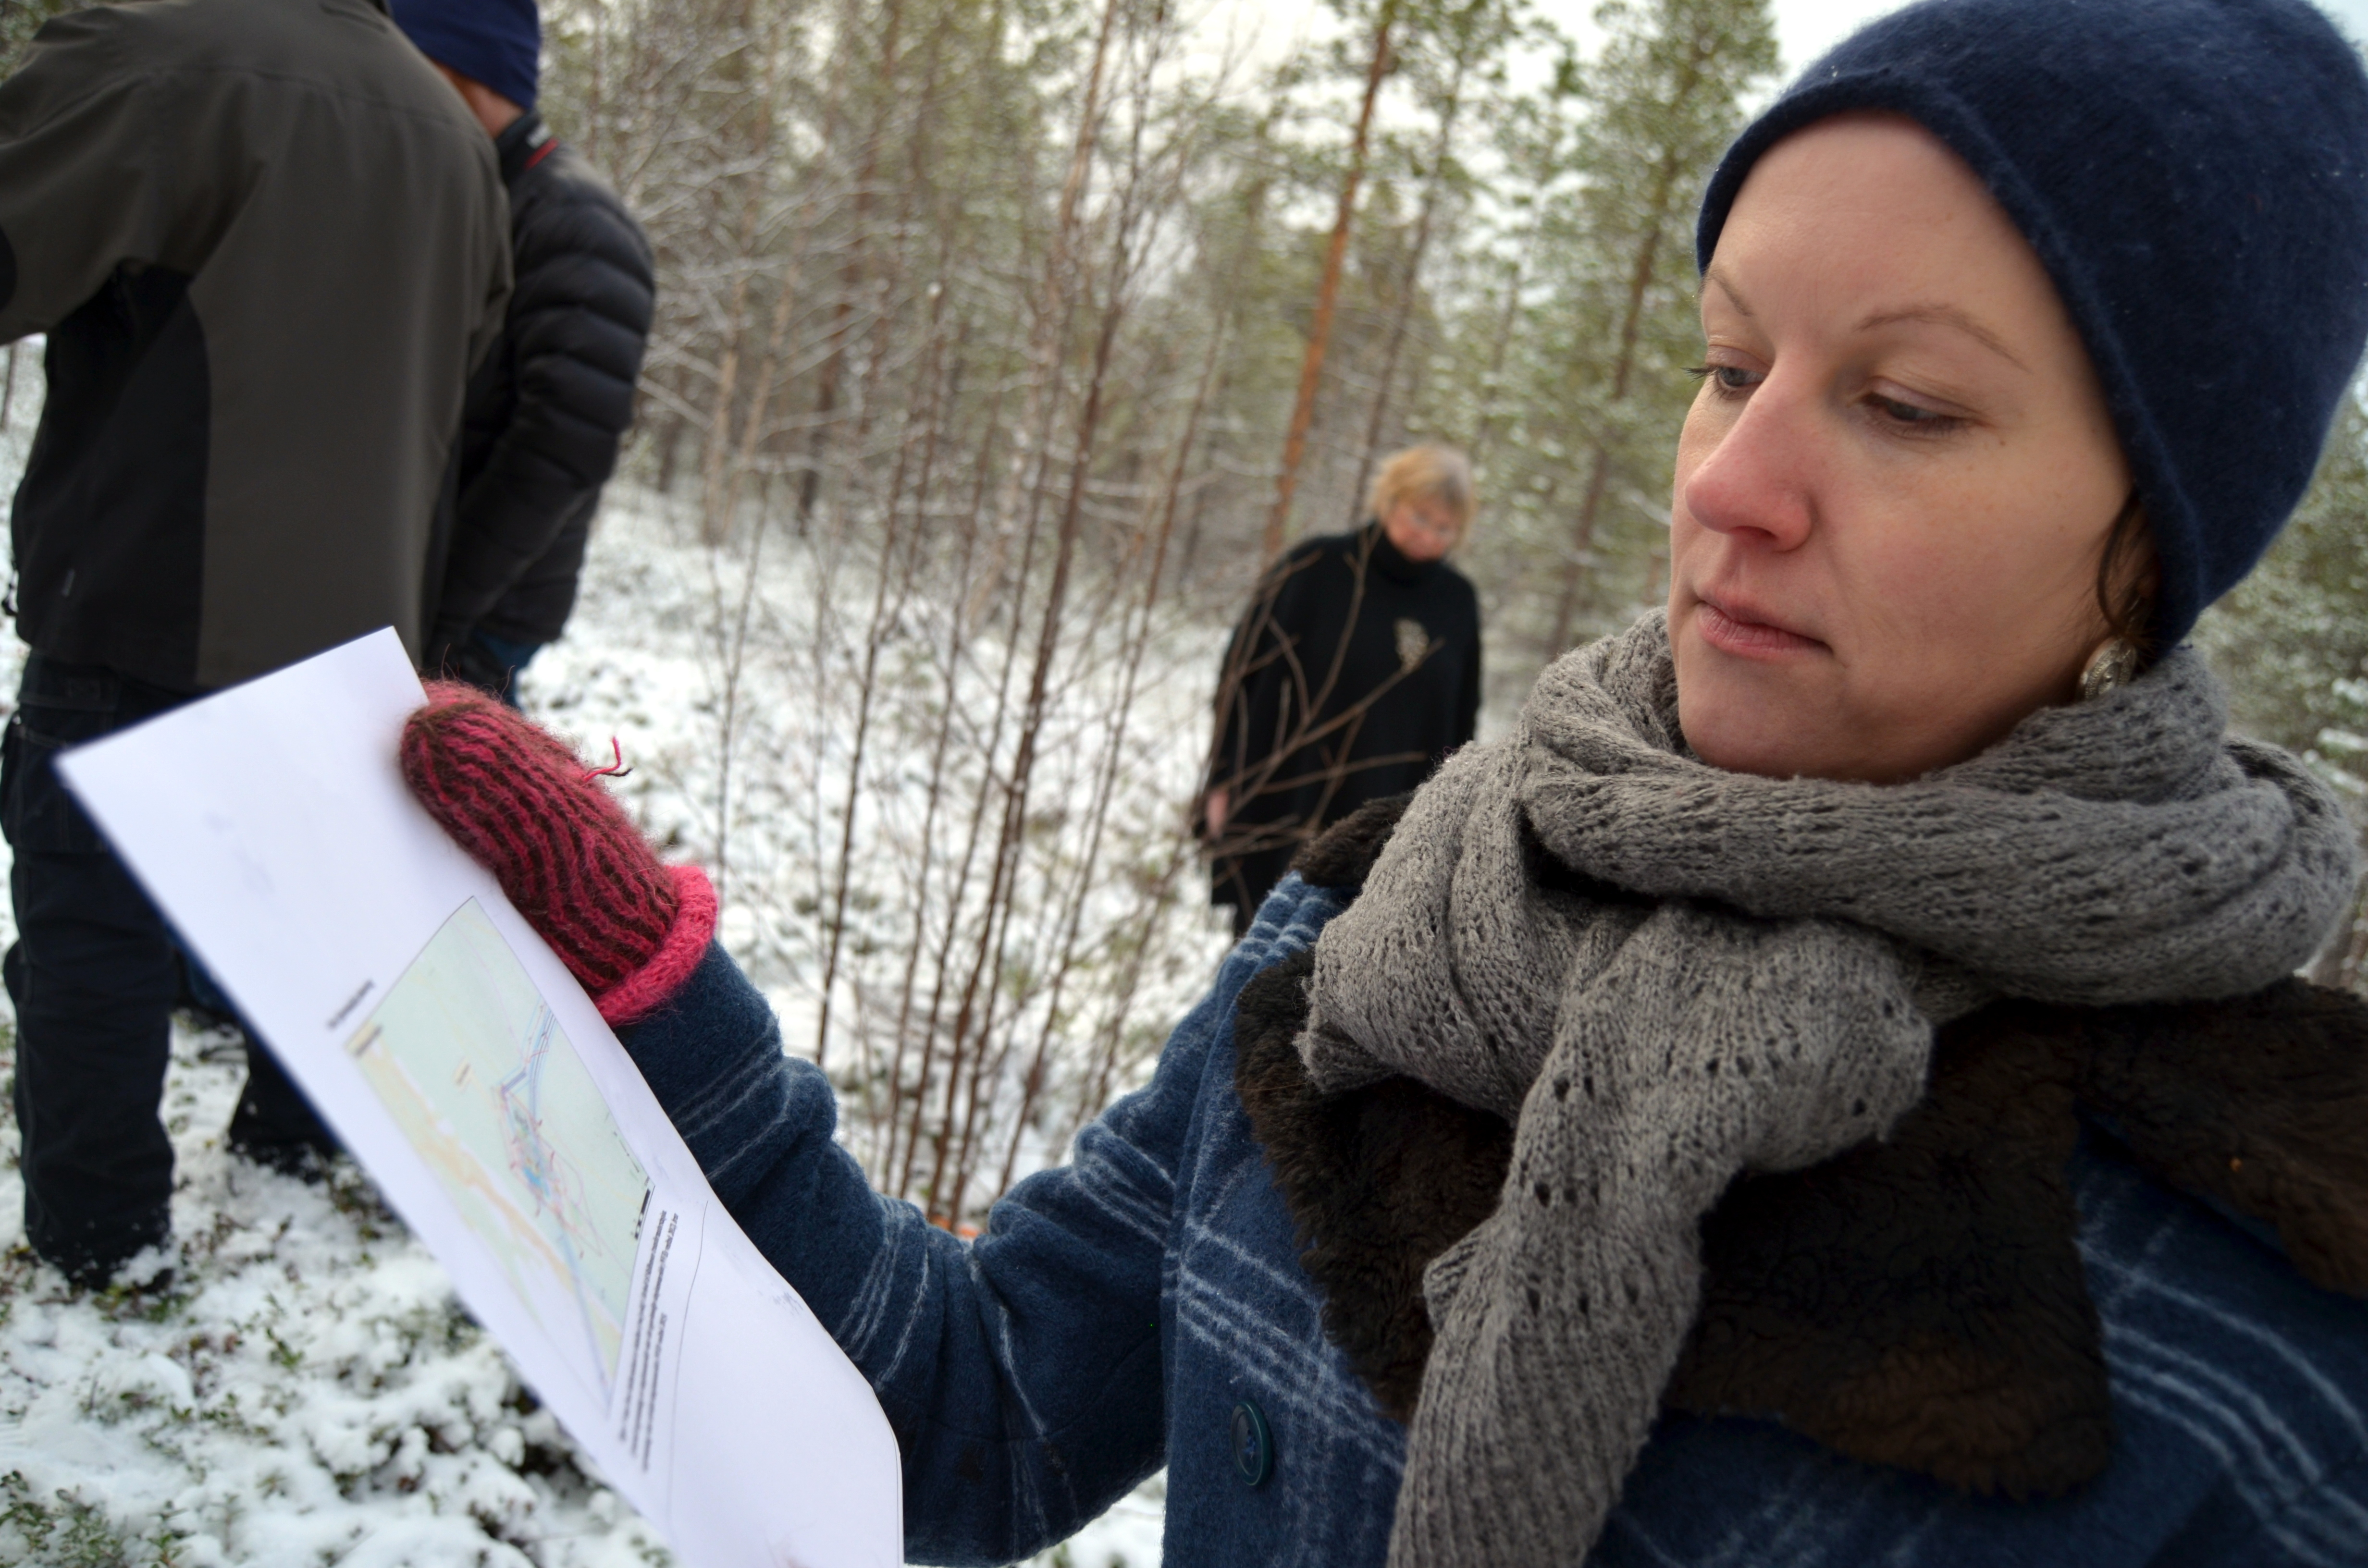 Tjæremilesaken i Alta: Askeladdens kamp mot trollet med ni hoder